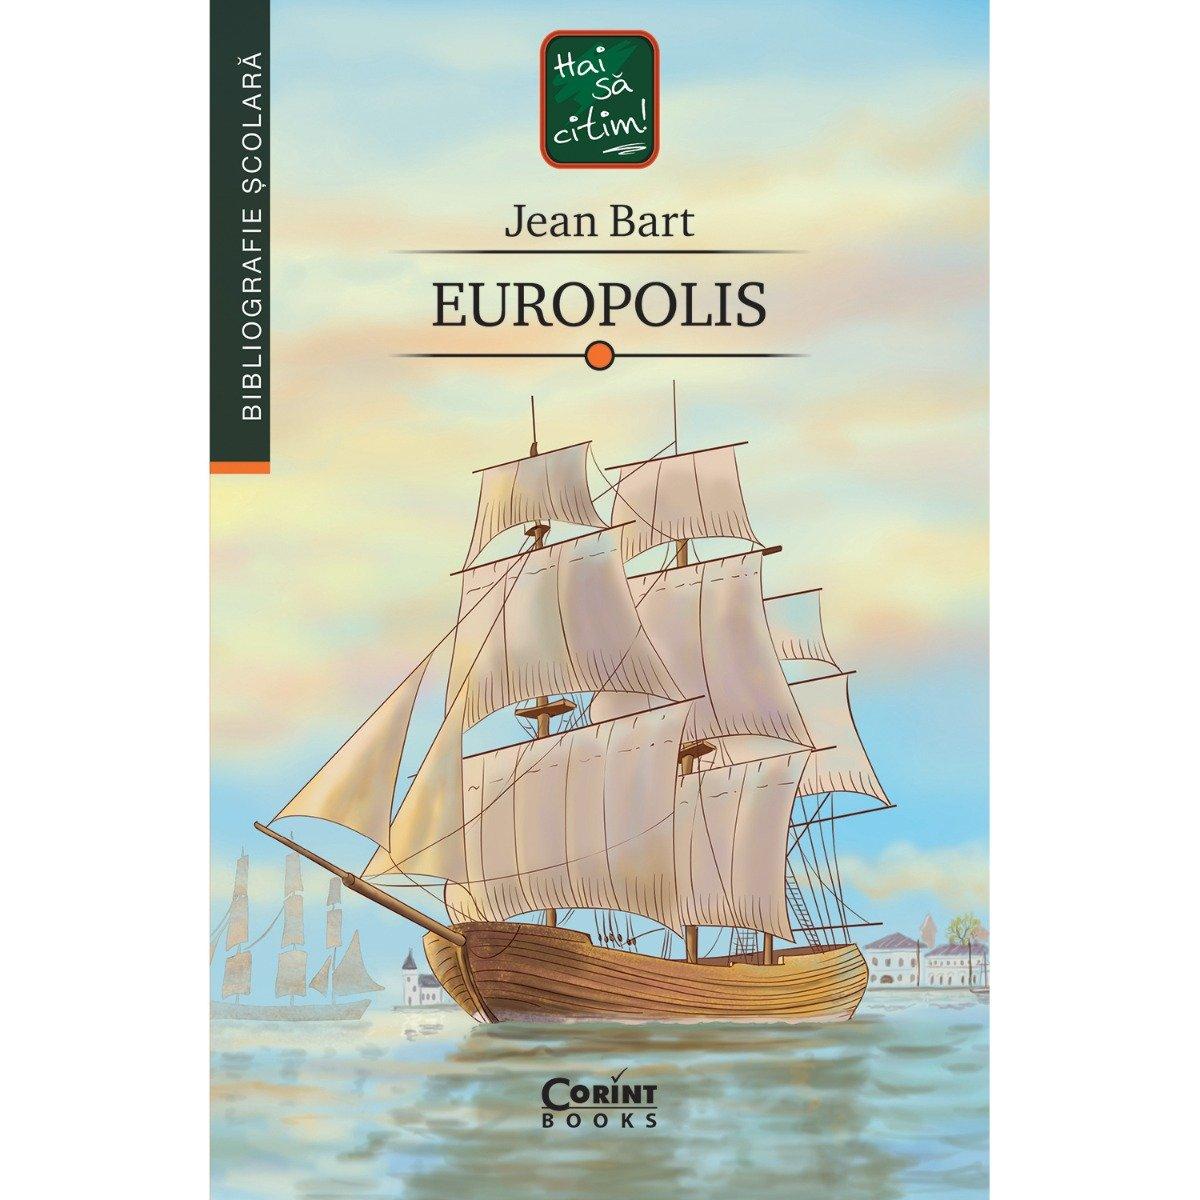 Carte Editura Corint, Europolis, Jean Bart